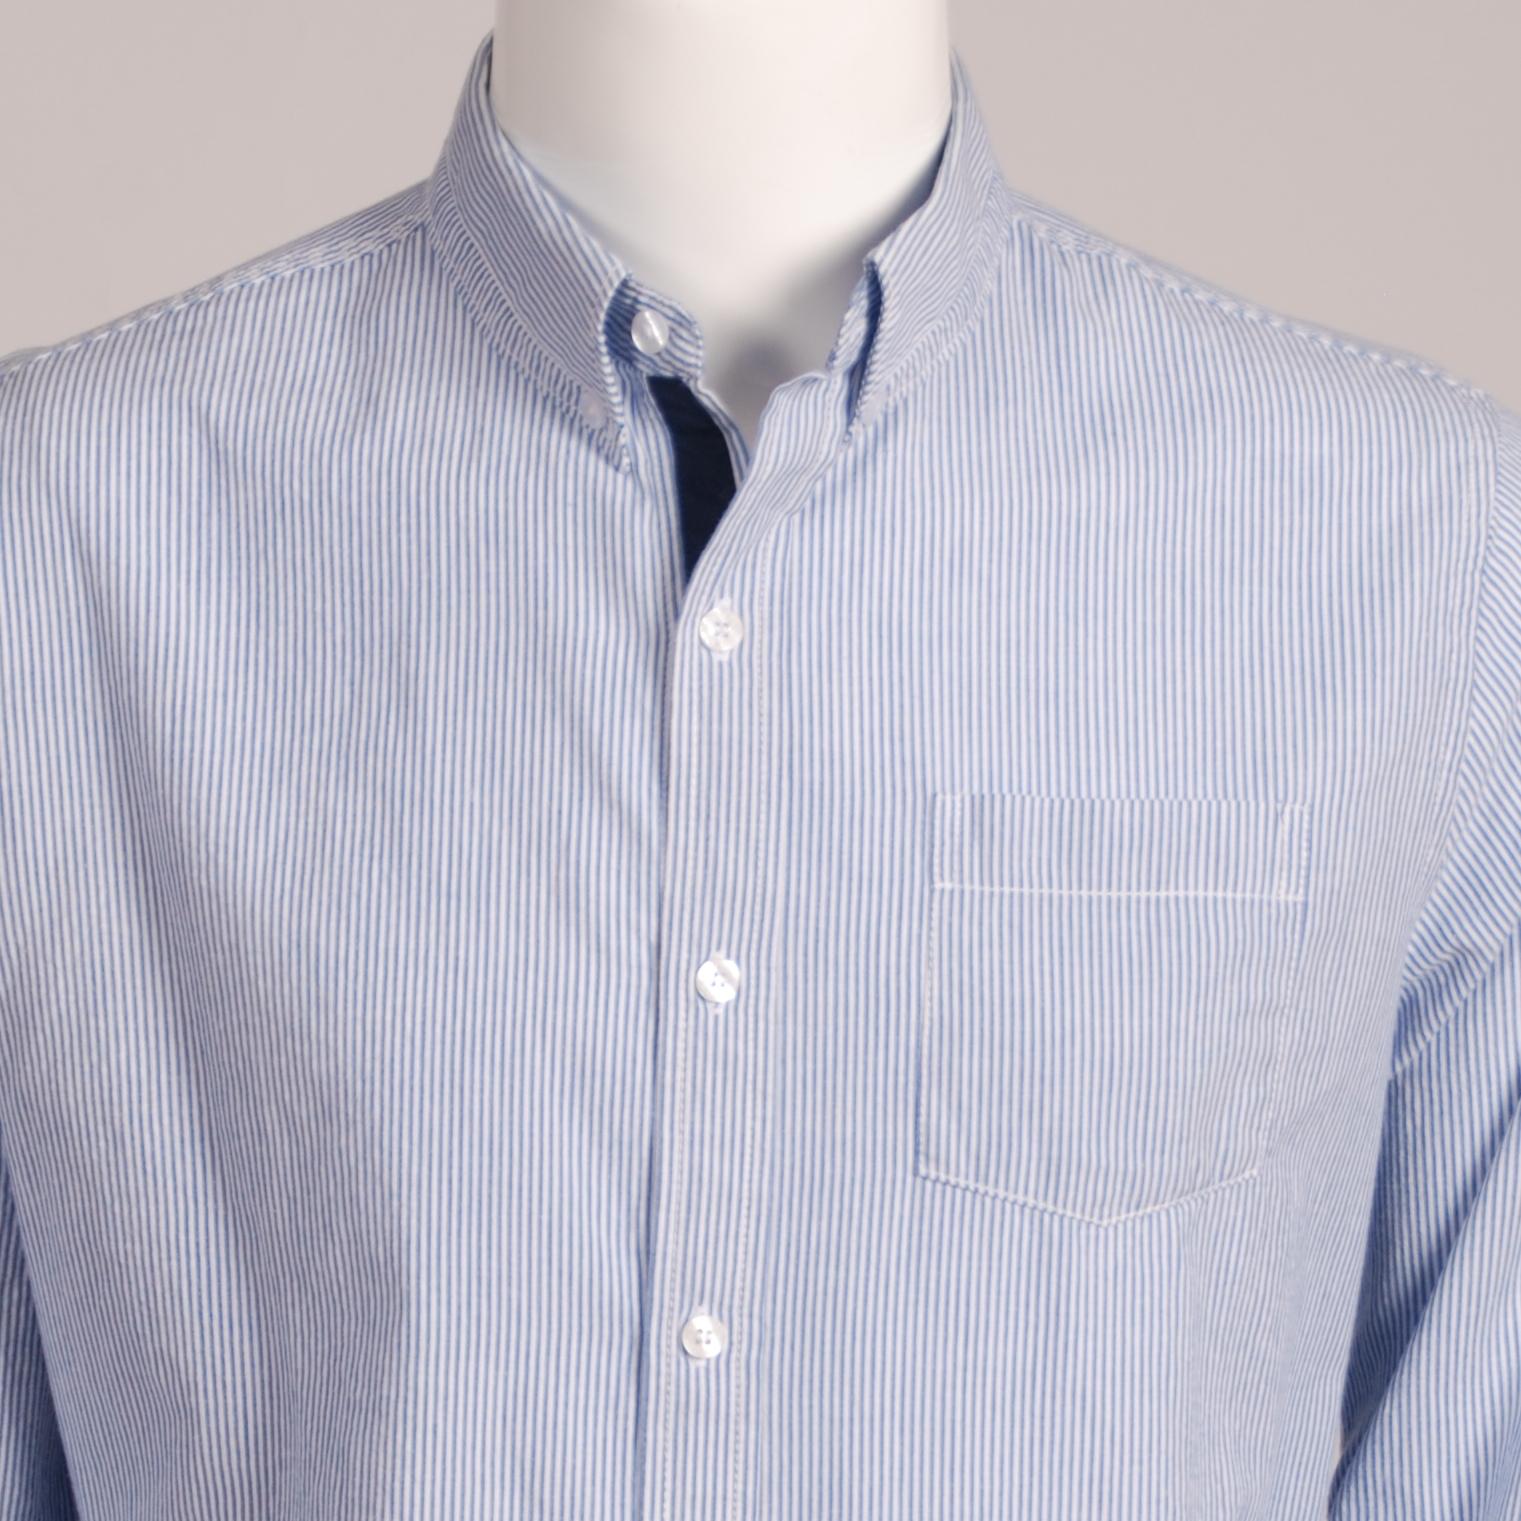 ... Camisa rayas hombre  98006e64191e5